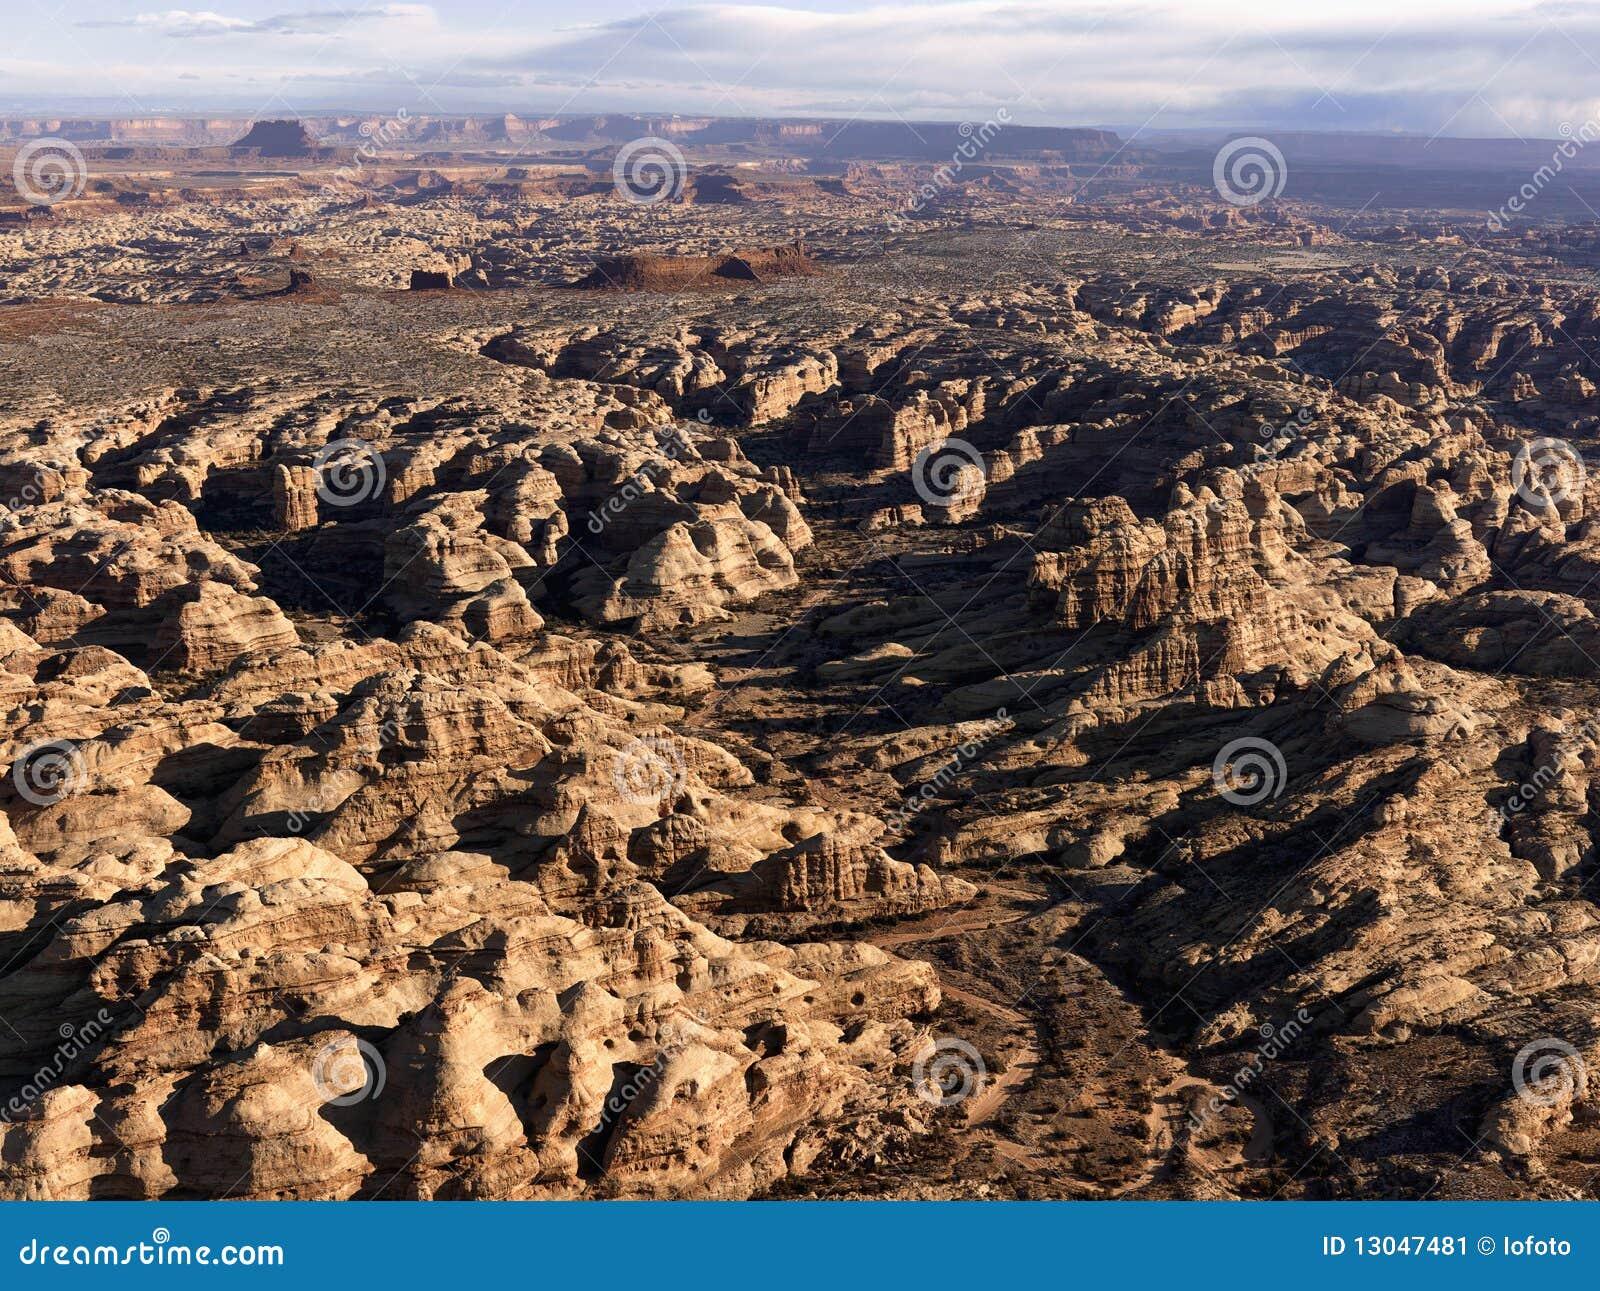 Formations de roche dans le désert